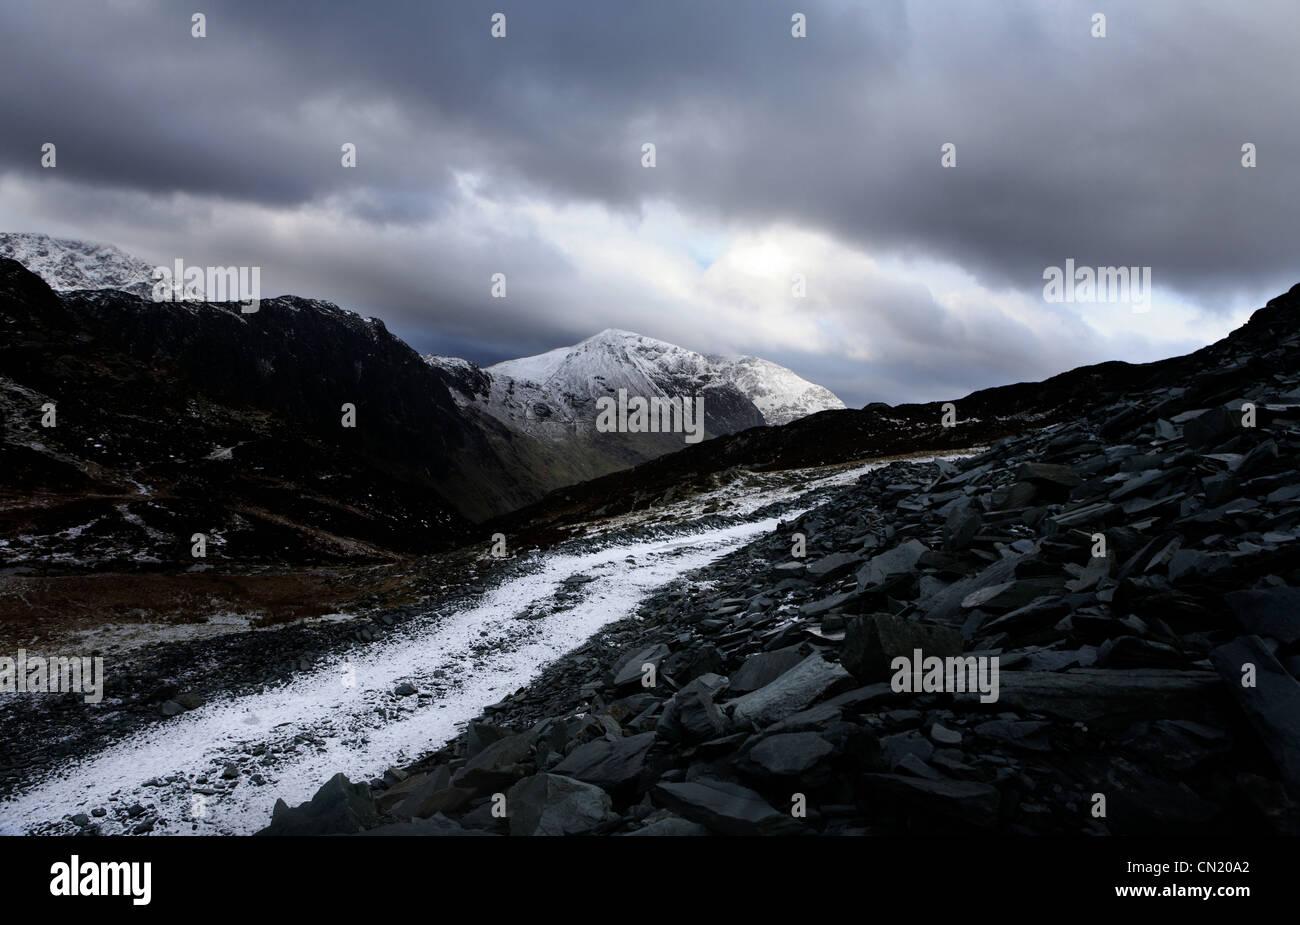 La neige et le sentier de montagne, Lake District, Cumbria, England, UK Photo Stock